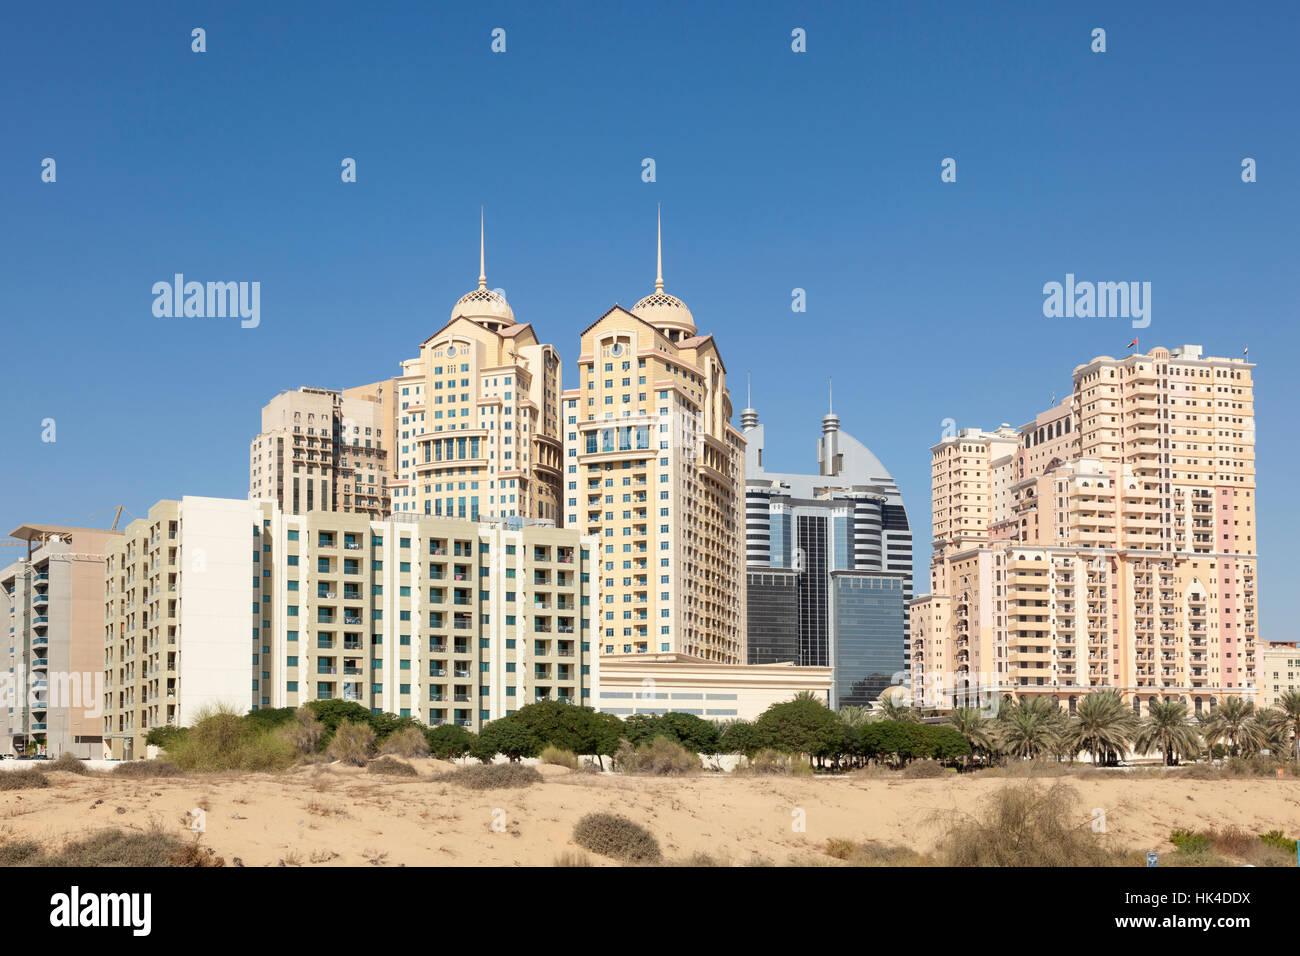 Dubai Academic City skyline. United Arab Emirates - Stock Image